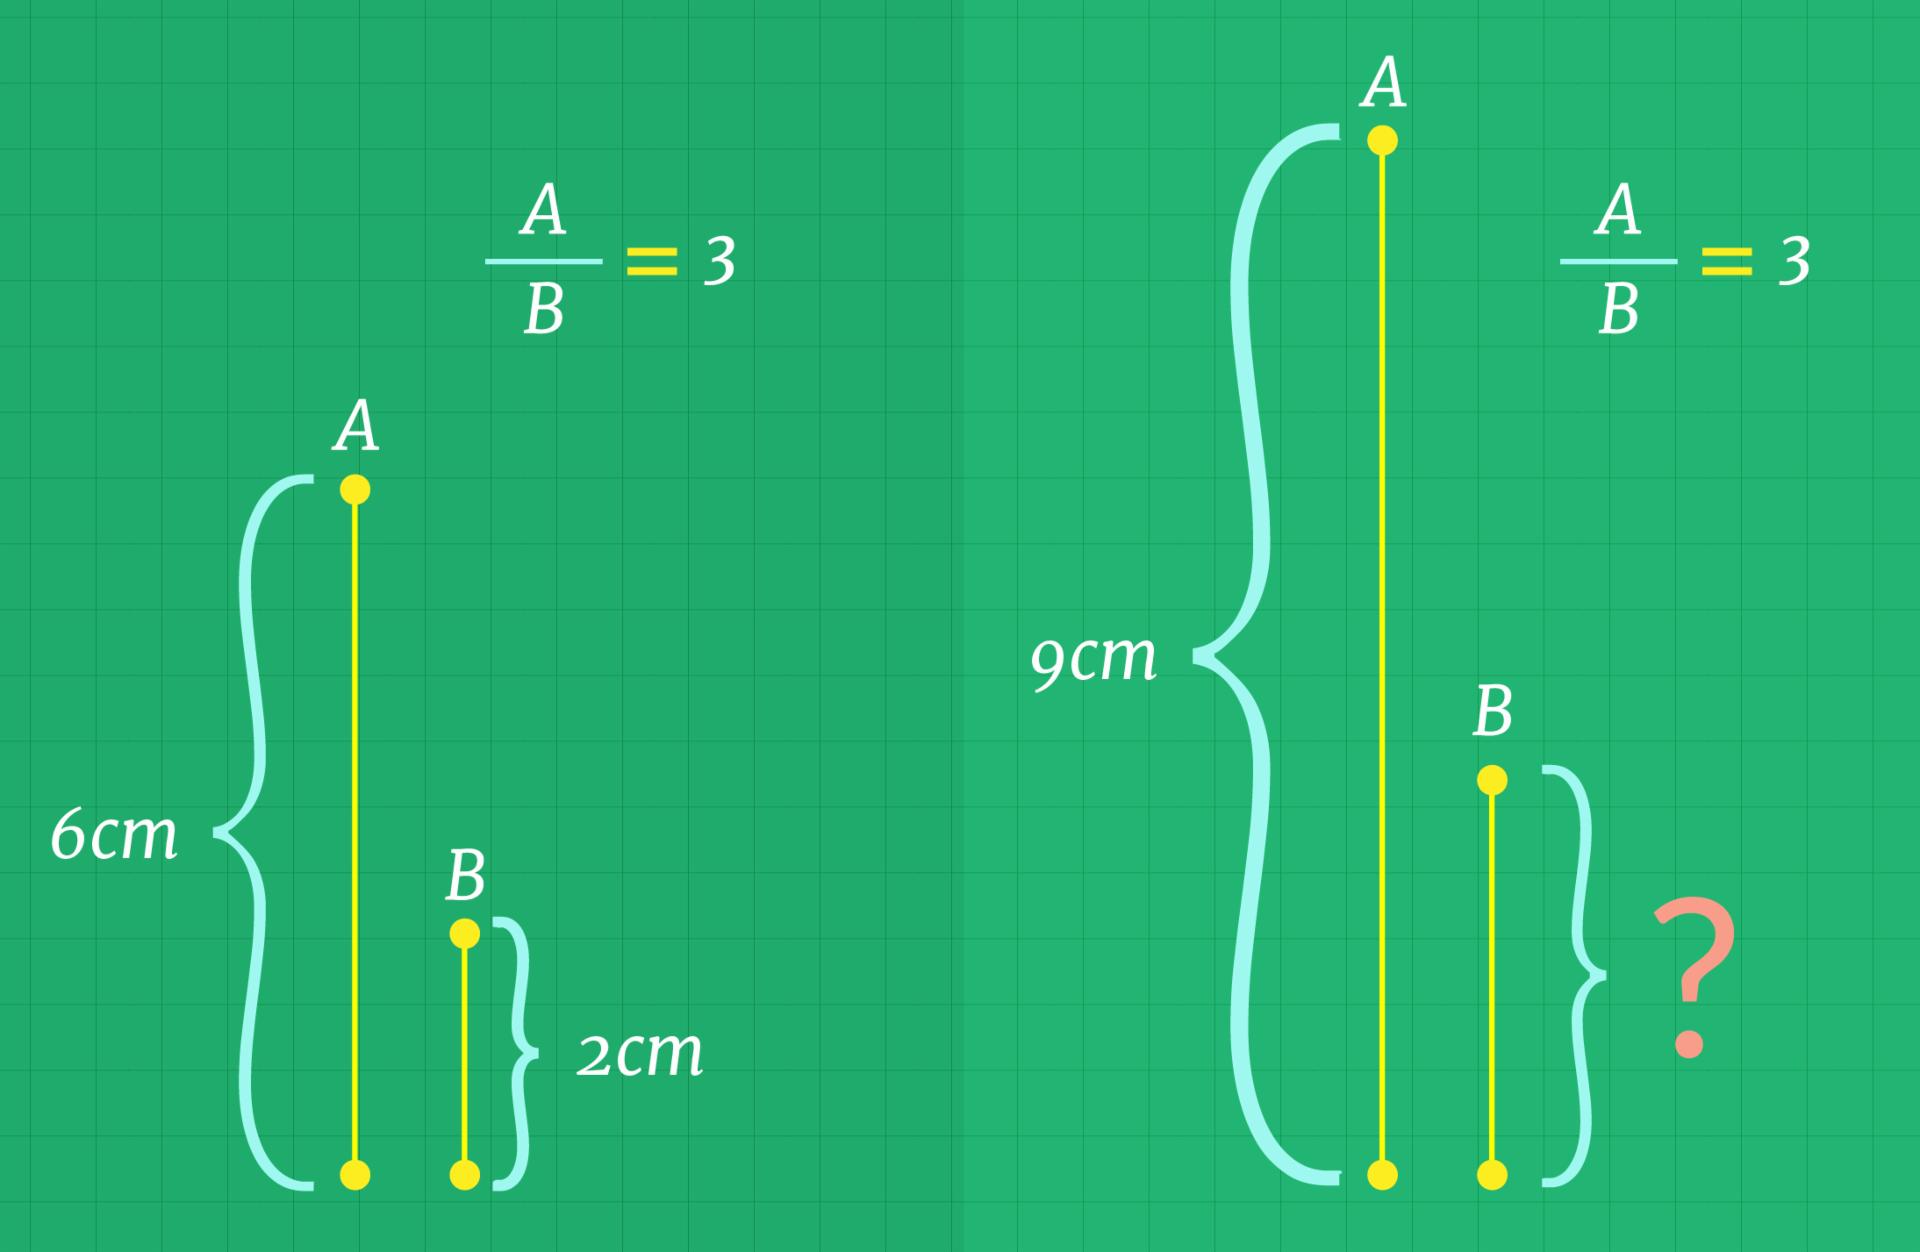 Dos pares de segmentos.  La proporción entre cada par de segmentos es 3